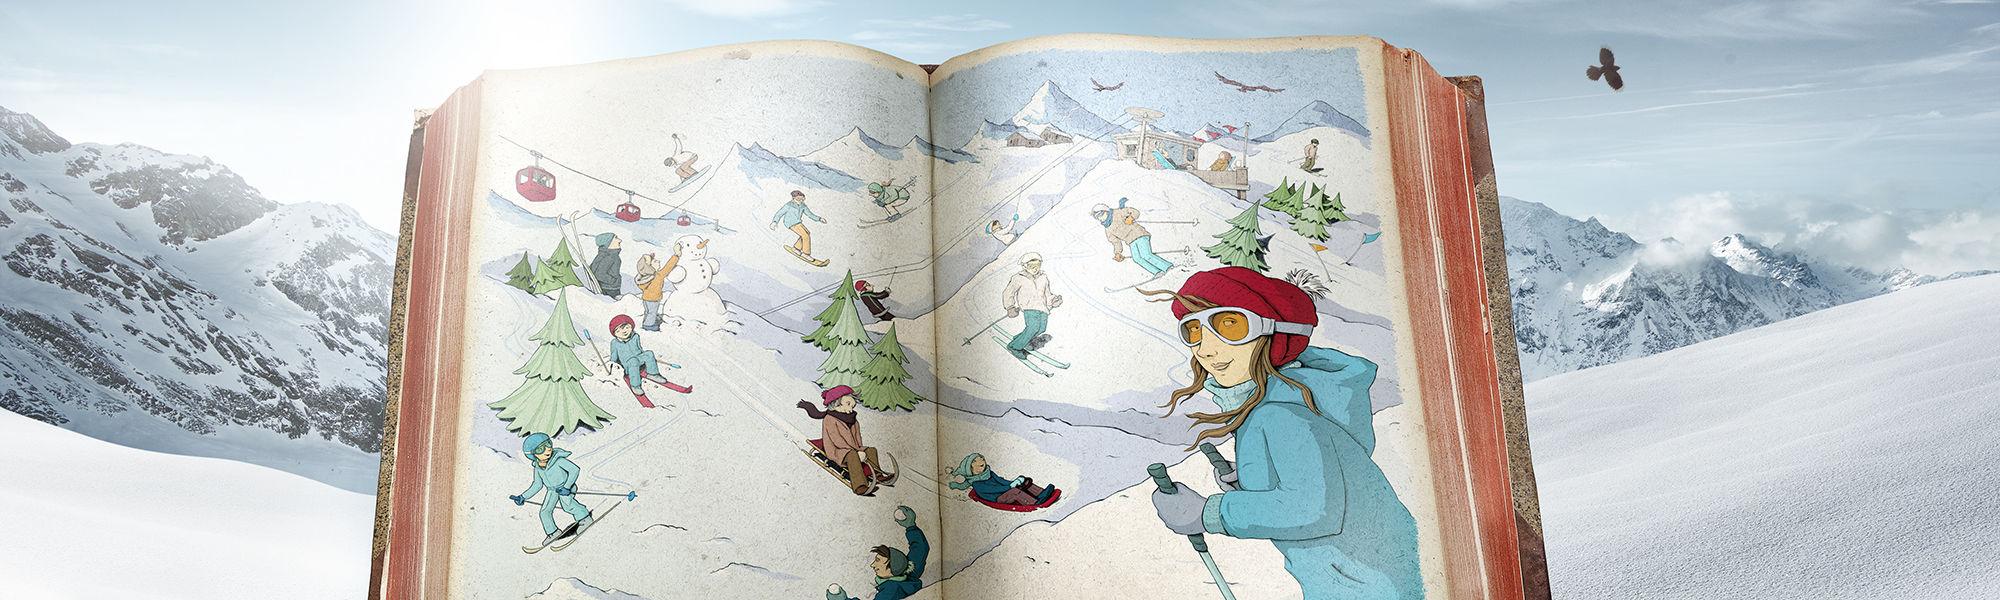 Märchenwinter in der Freien Ferienrepublik Saas-Fee